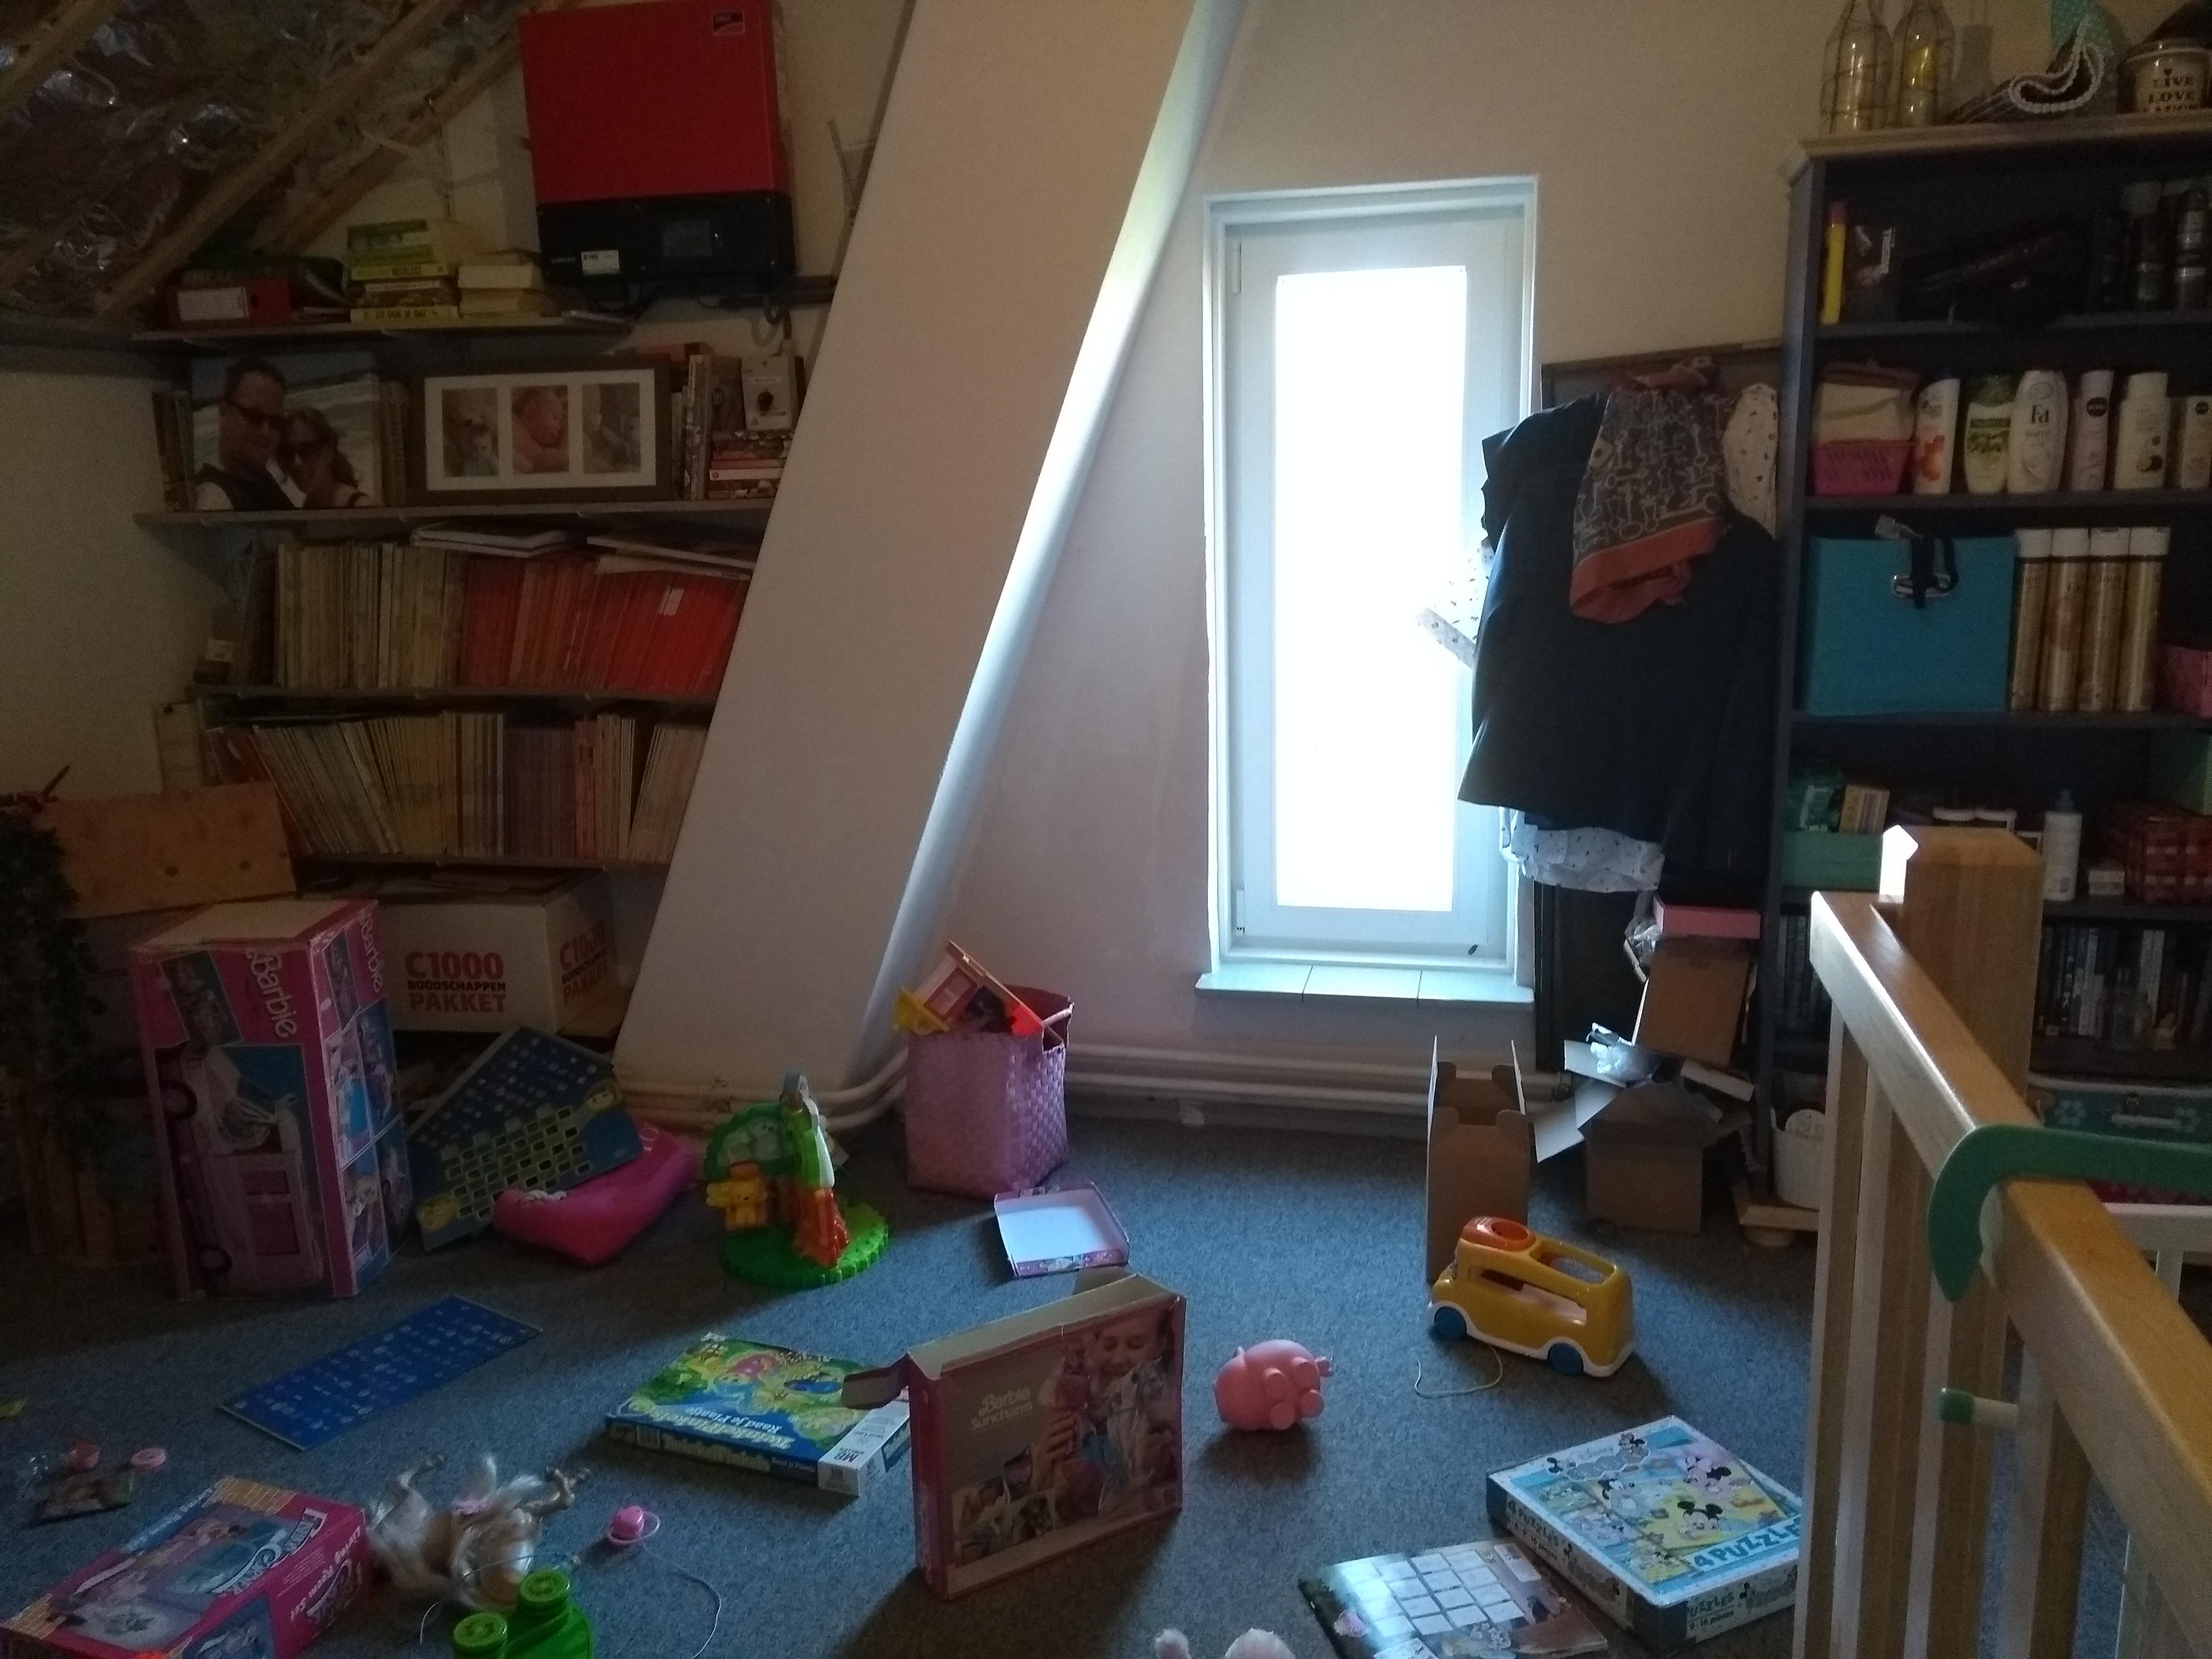 speelkamer, zolder, zolderkamer, rommelzolder, tips, kinderkamer, spelen, speelhoek, tips, kinderen, speelgoed, blog, interieur, wonen, gezin, blog, mamablog, mamablogger, lalog, lalogblog, lalog.nl